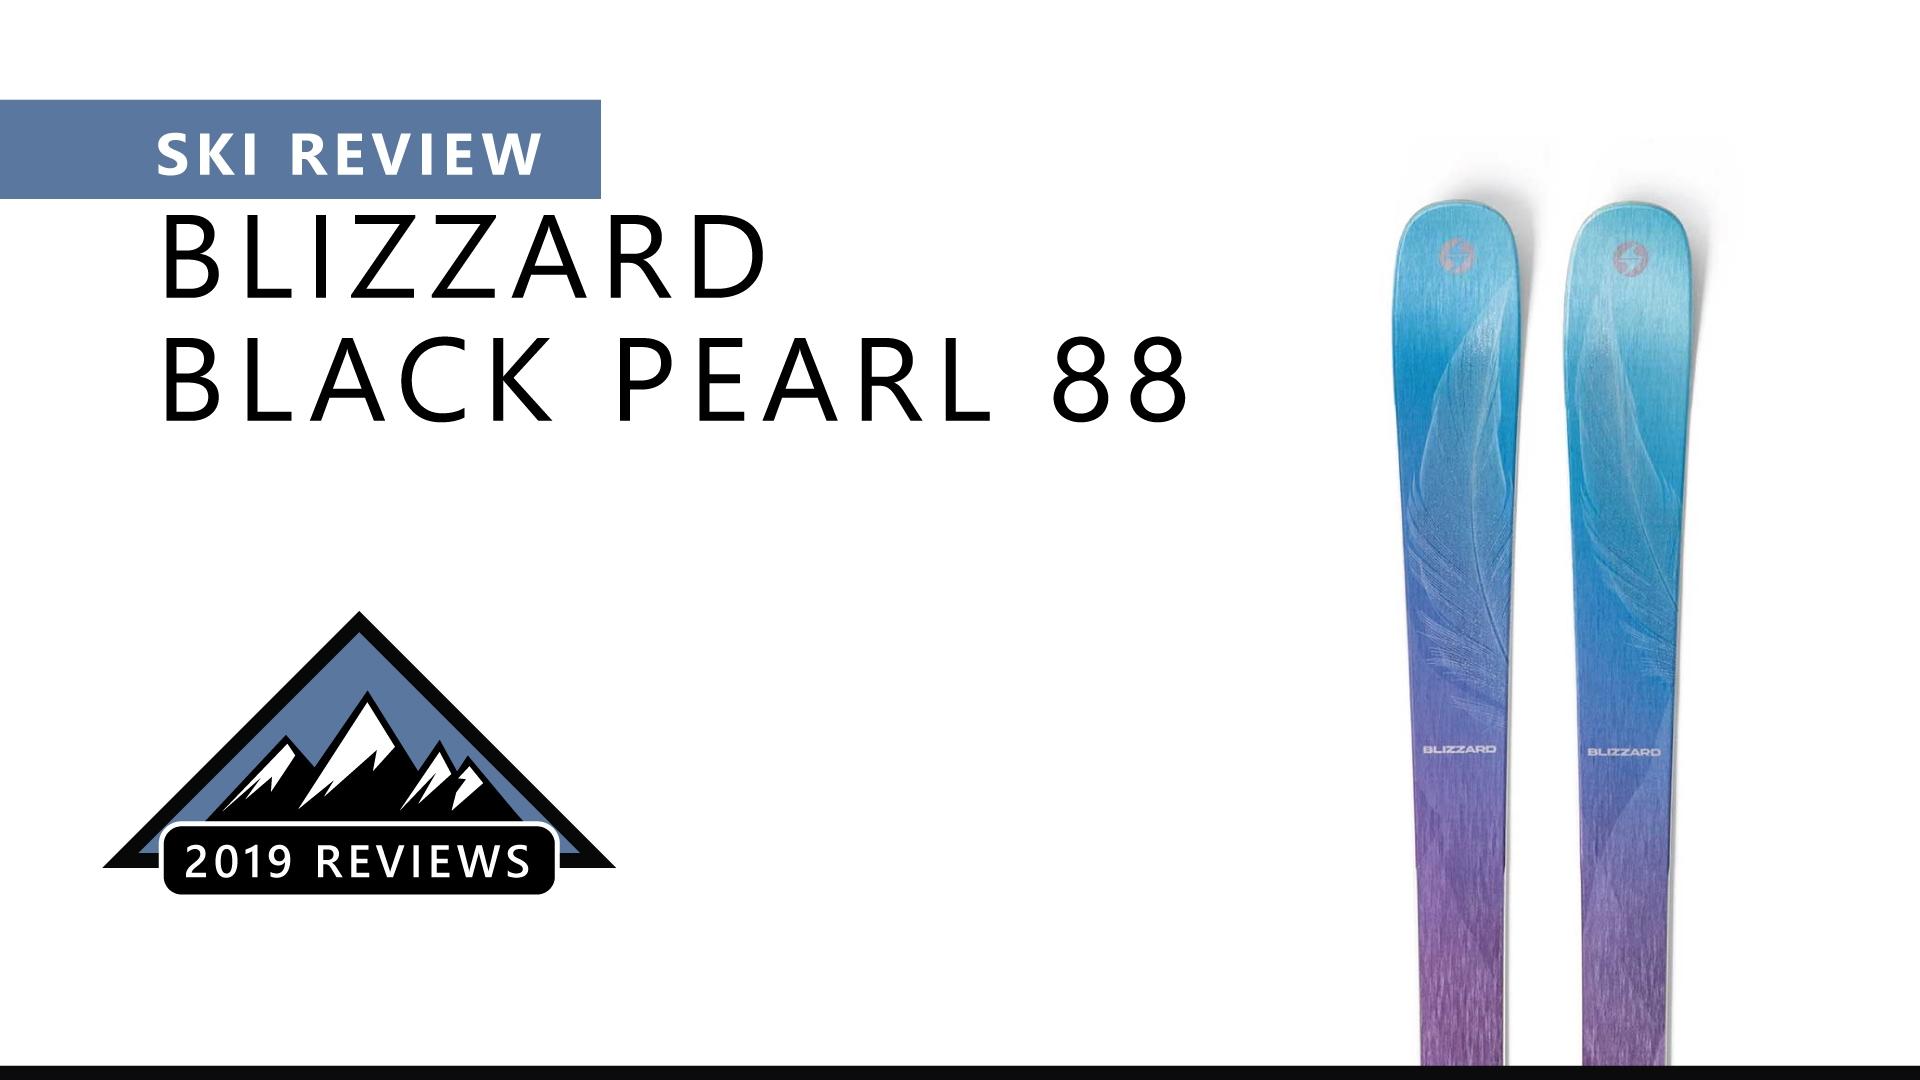 Ski Review | 2019 Blizzard Black Pearl